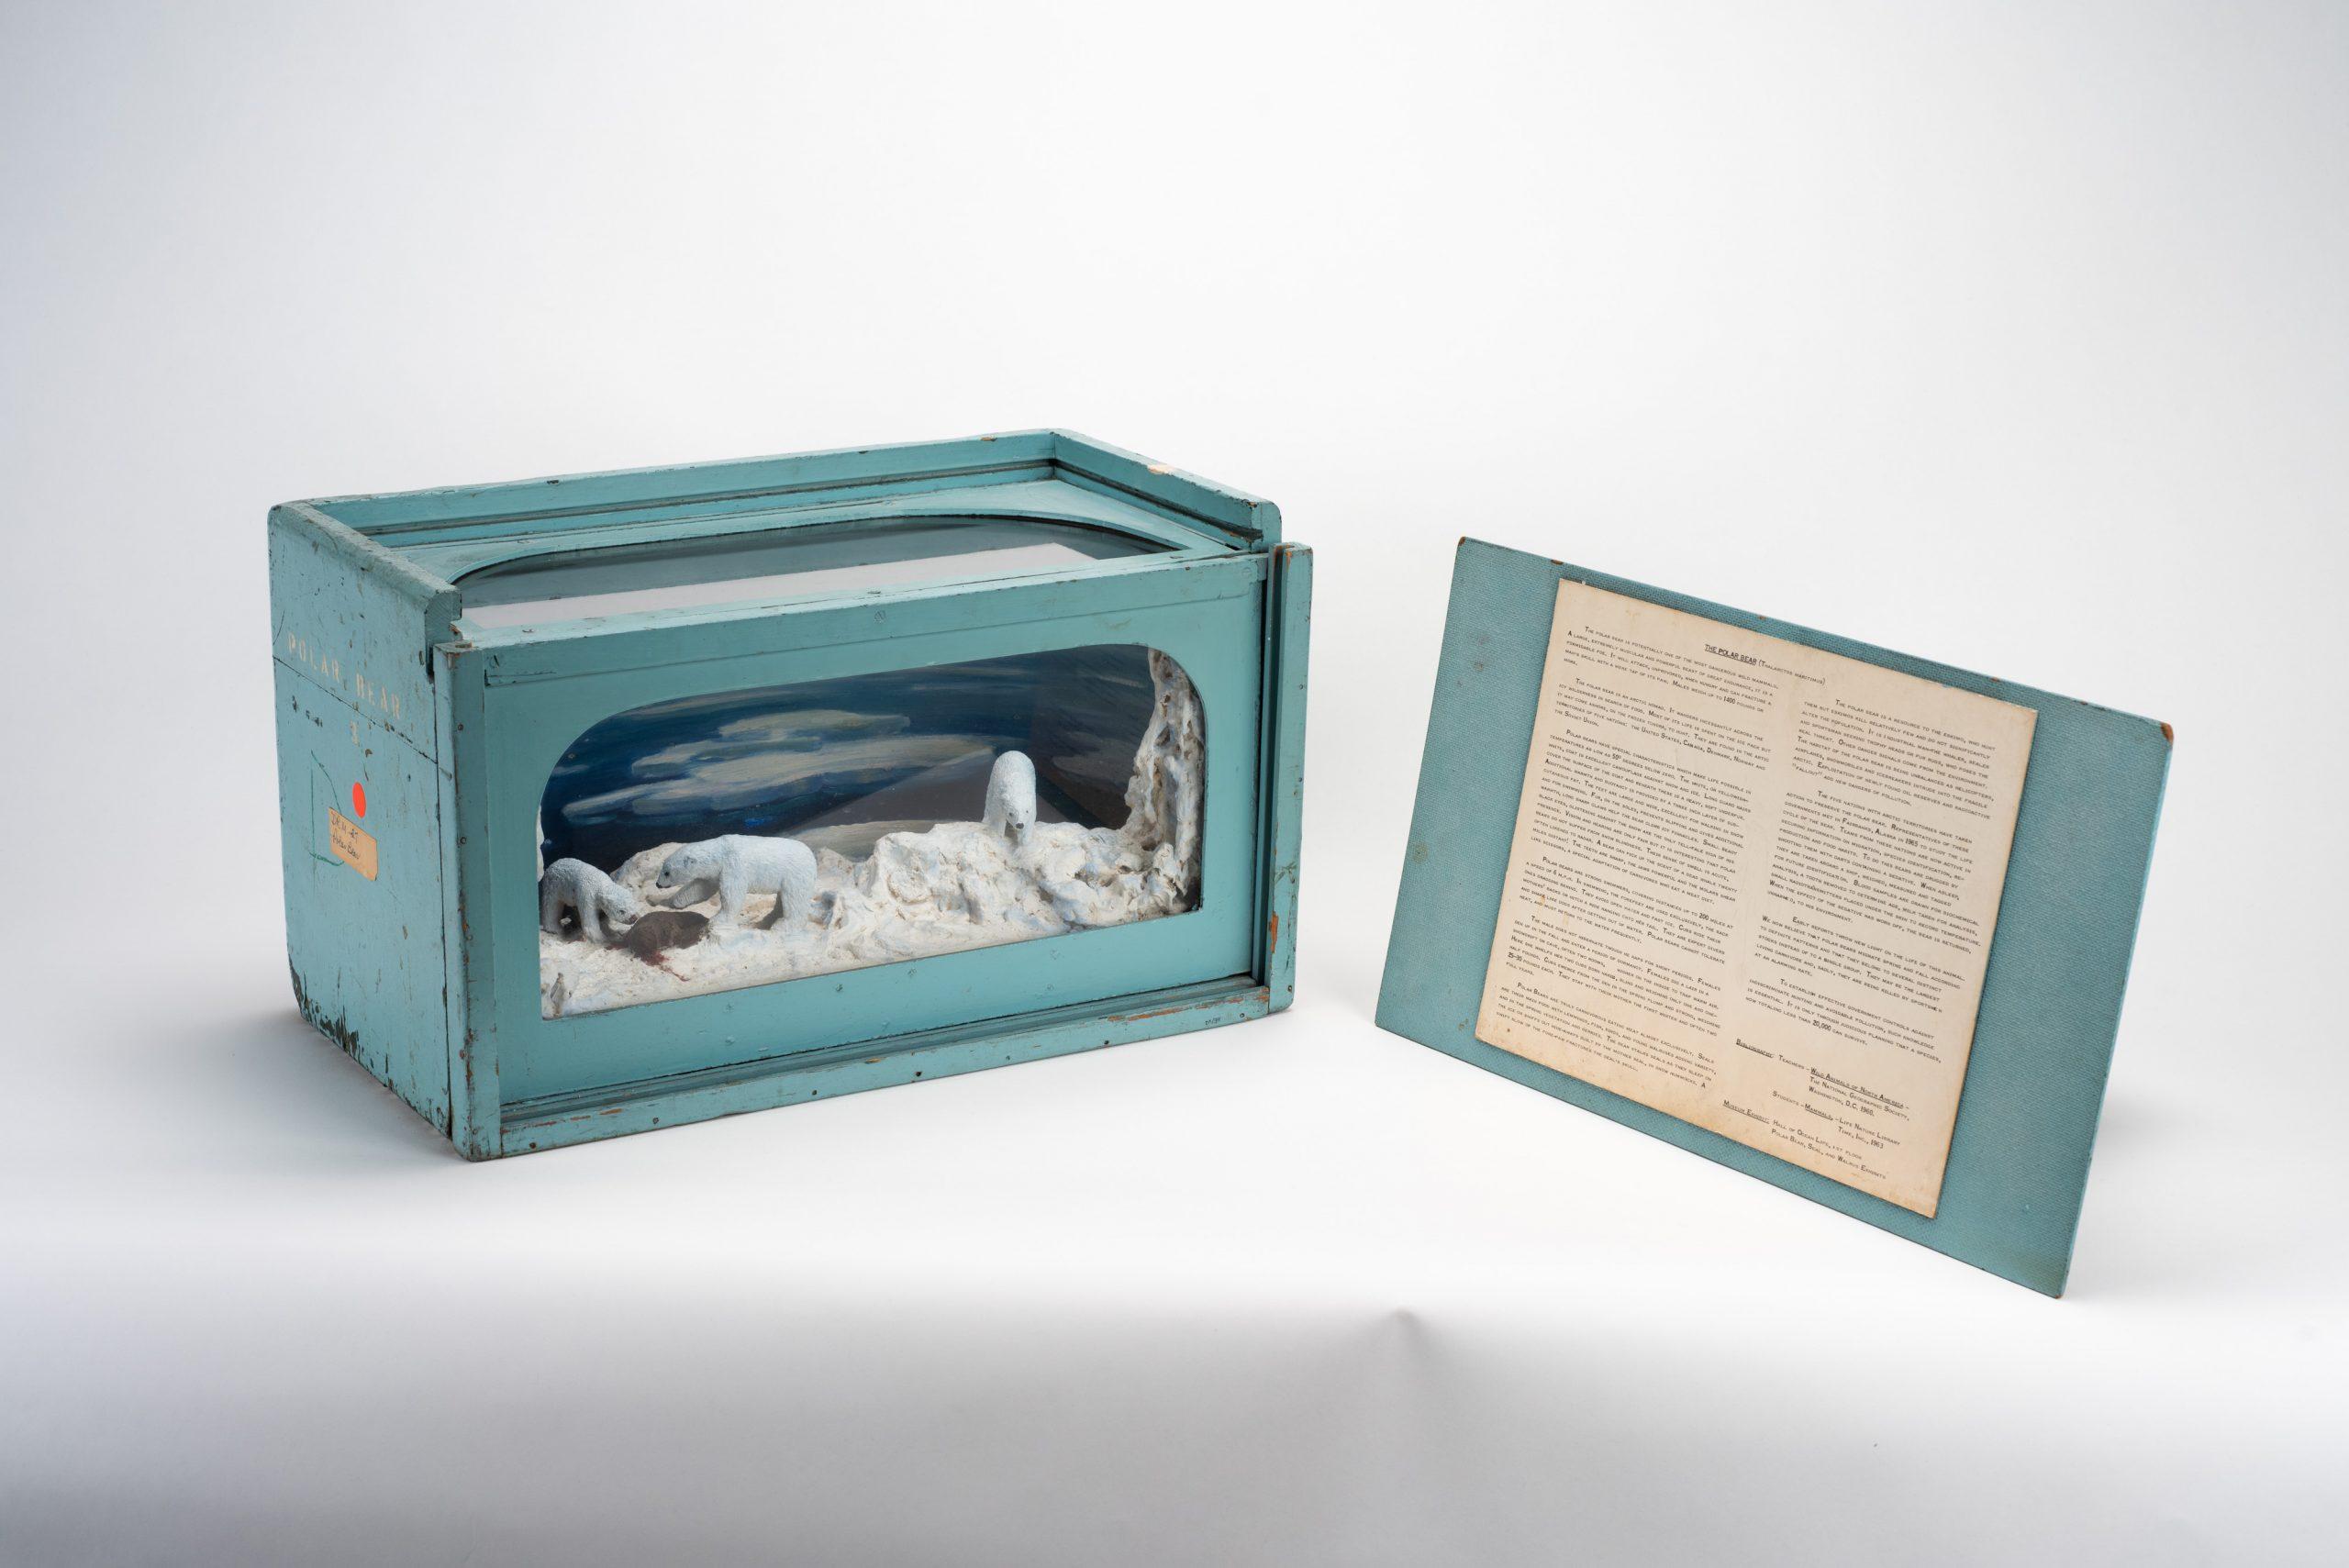 Polar Bear Educational Diorama with card